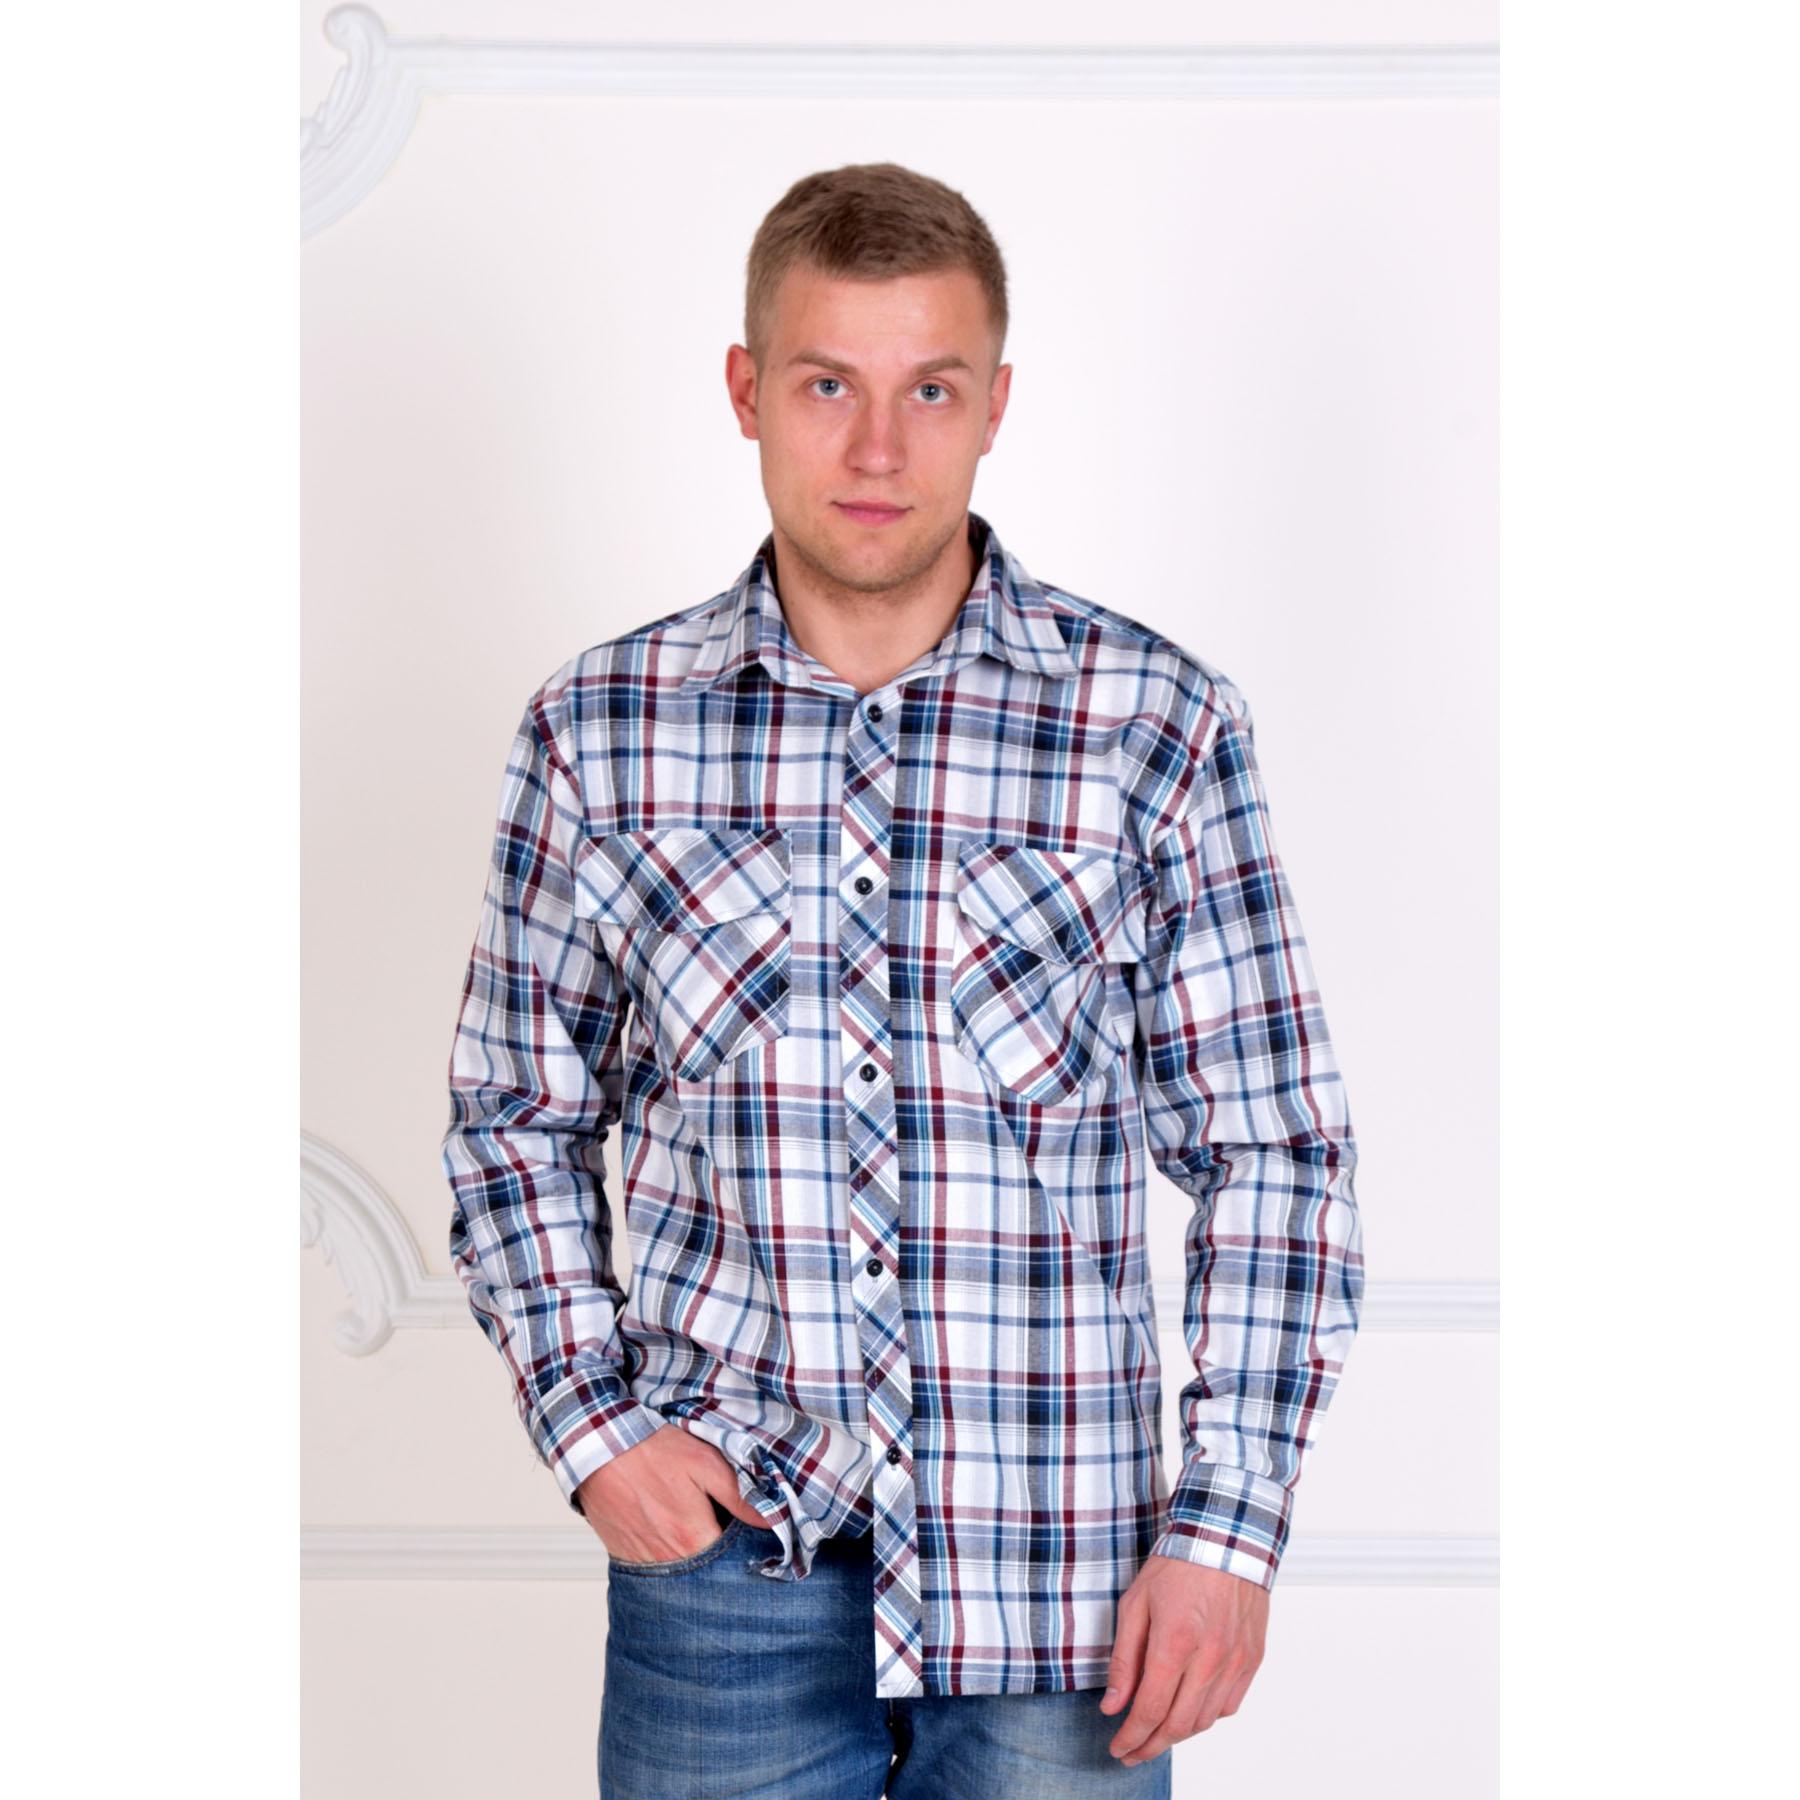 Мужская рубашка «Шотландия», размер 52Толстовки, джемпера и рубашки<br>Обхват груди:104 см<br>Обхват талии:96 см<br>Обхват бедер:108 см<br>Обхват шеи, ворот:42 см<br>Рост:176-182 см<br><br>Тип: Муж. рубашка<br>Размер: 52<br>Материал: Шотландка